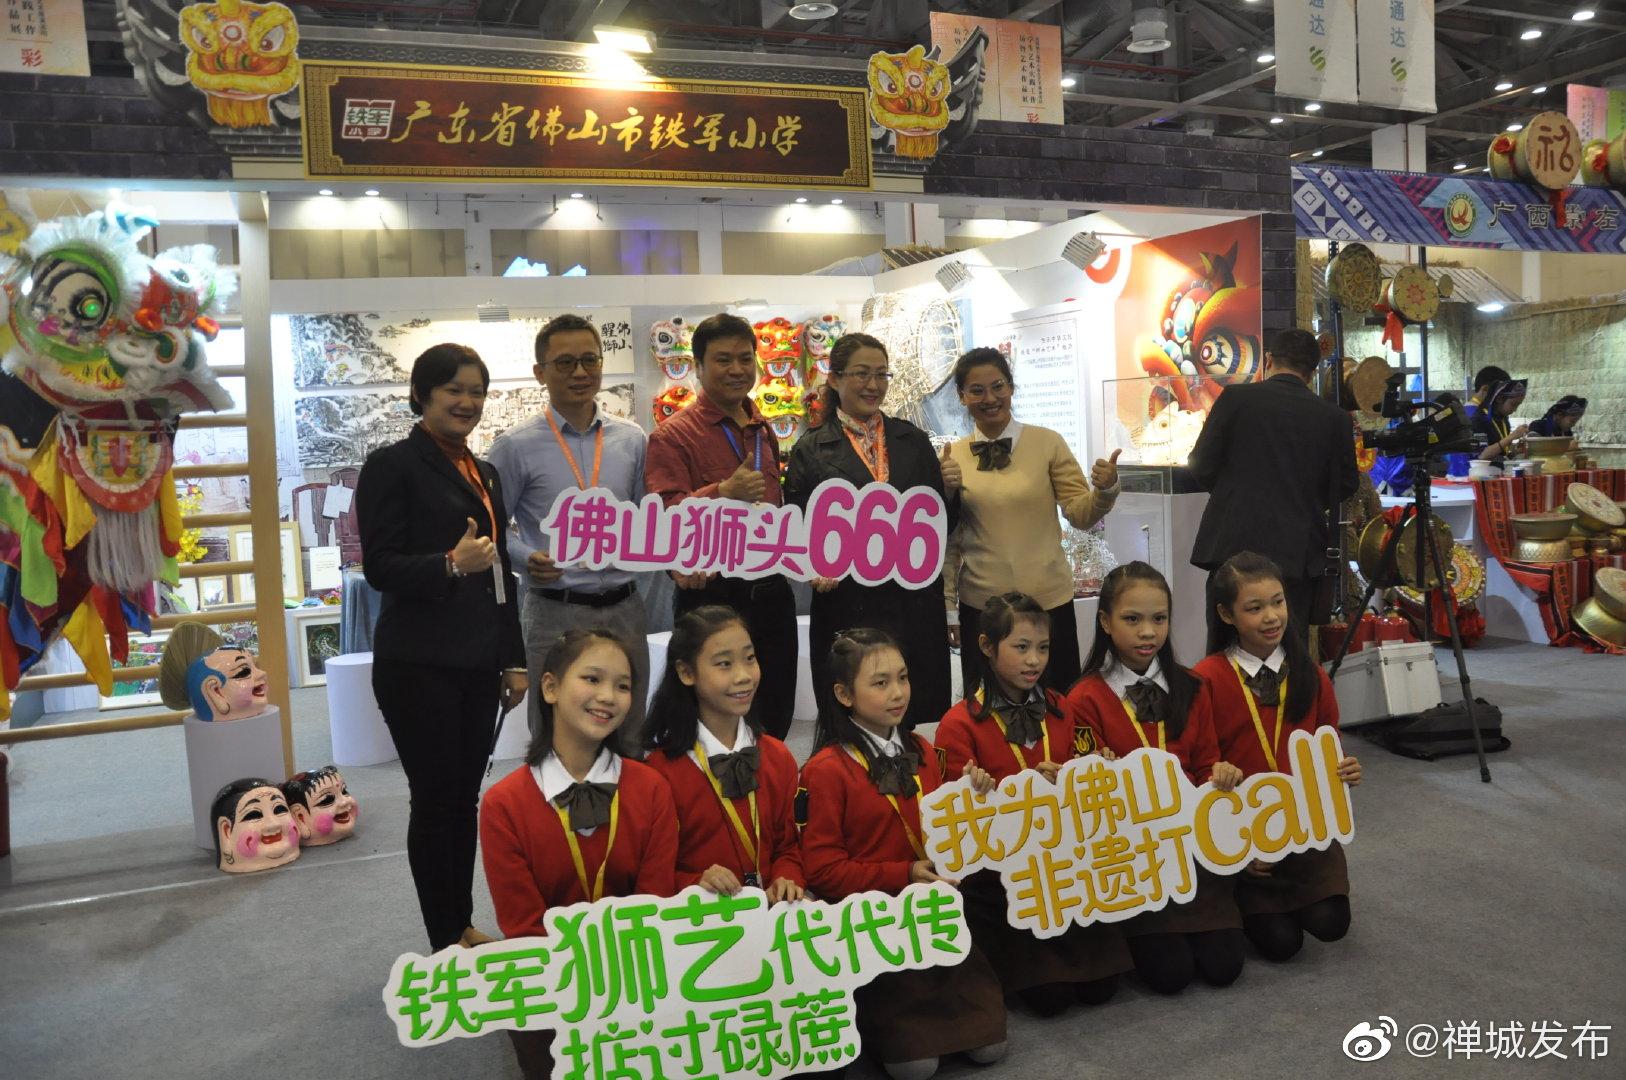 广东省唯一代表!铁军小学狮头艺术亮相全国第六届中小学生艺术展